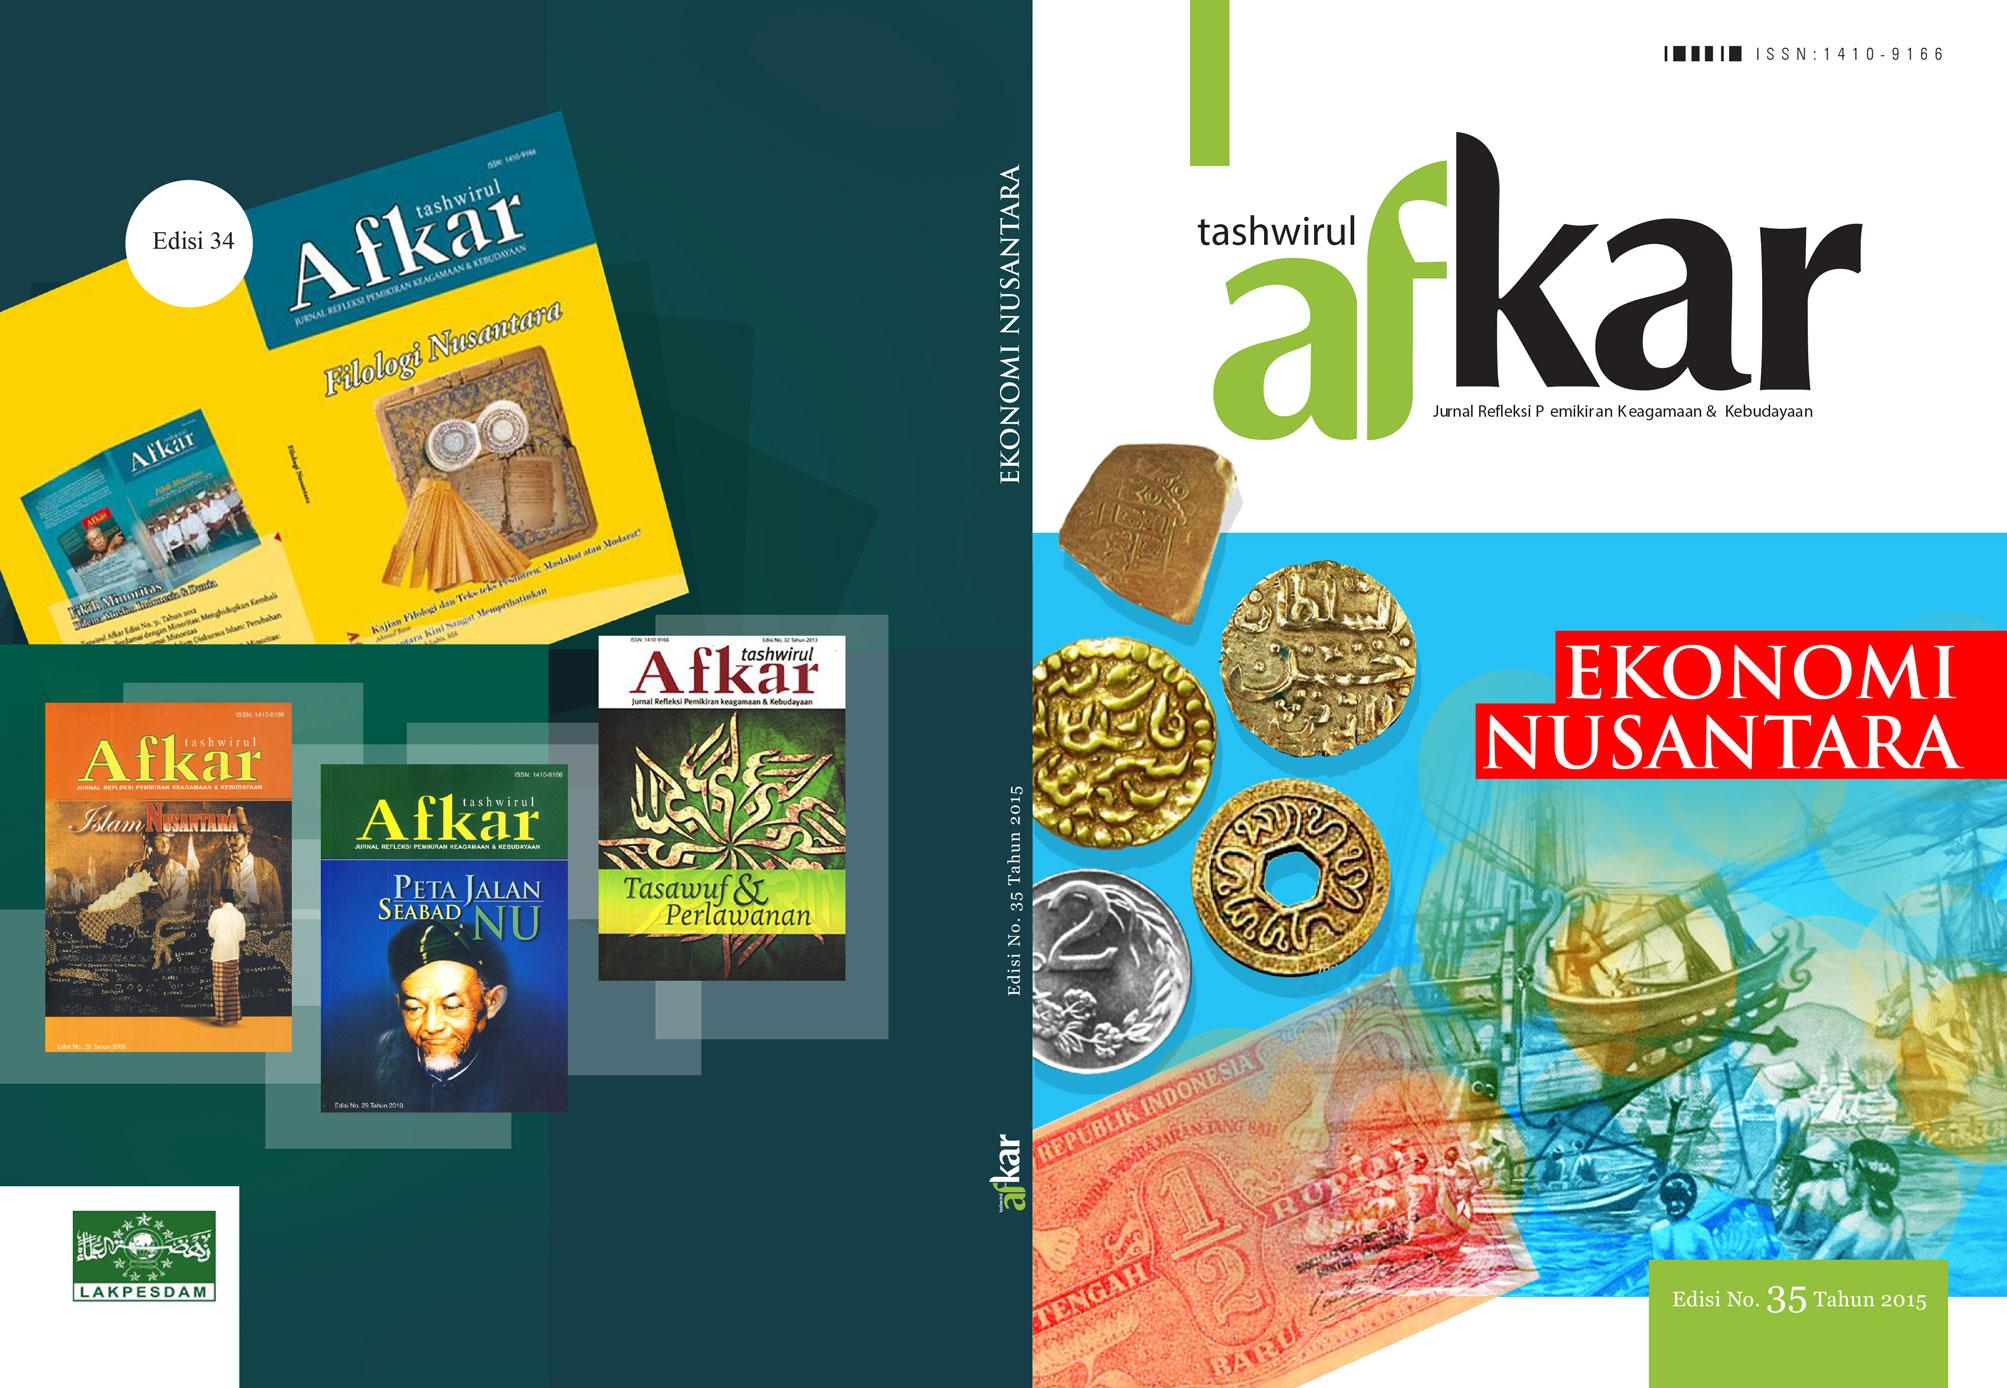 Ekonomi Nusantara dalam Jurnal Tashwirul Afkar